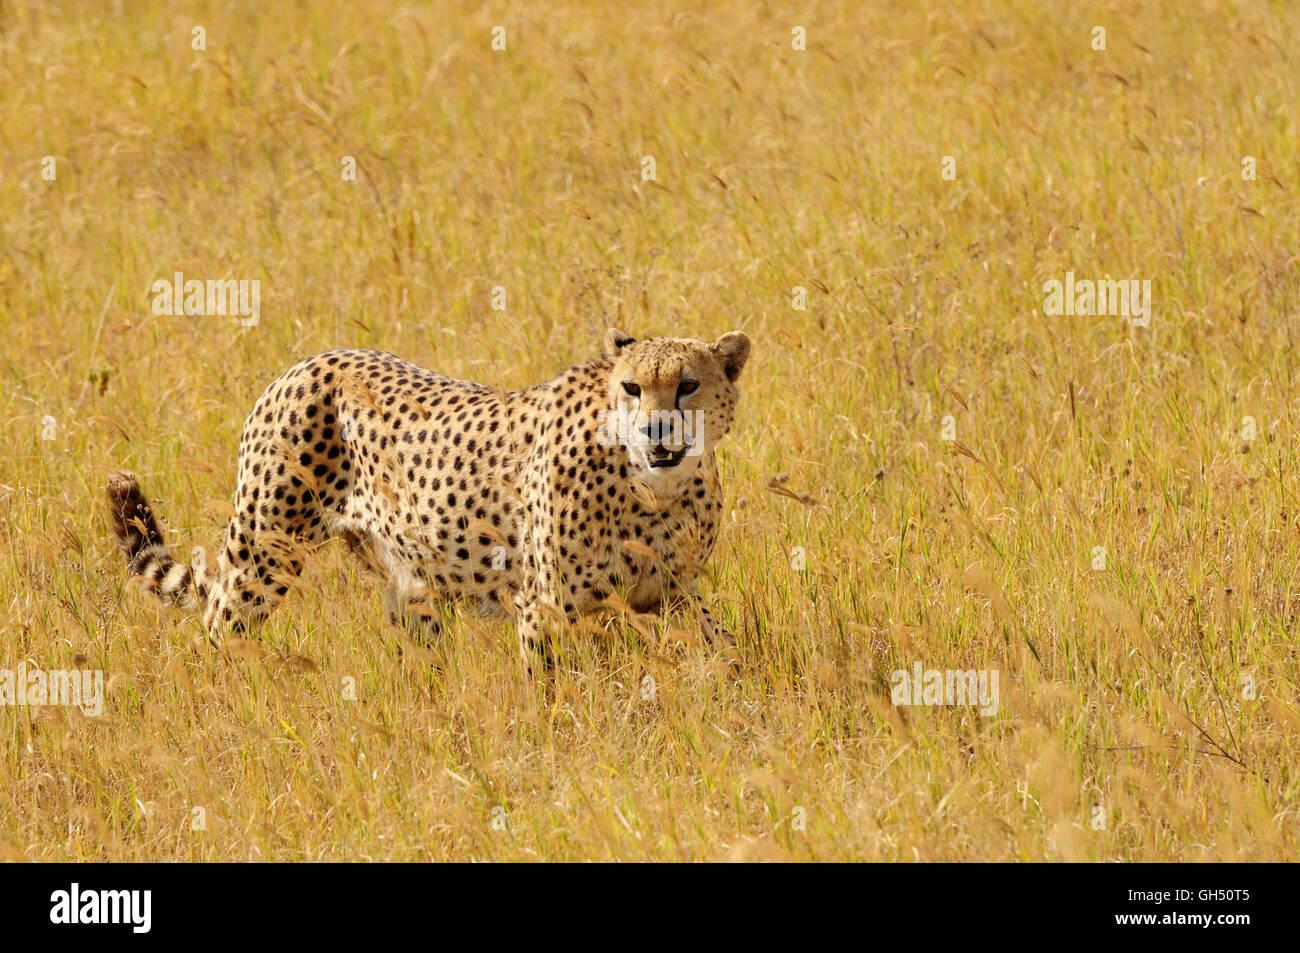 Zoologie/Tiere, Säugetiere (Mammalia), männliche Geparden (Acinonyx jubatus), Ngorongoro Krater, Ngorongoro Conservation Stockfoto